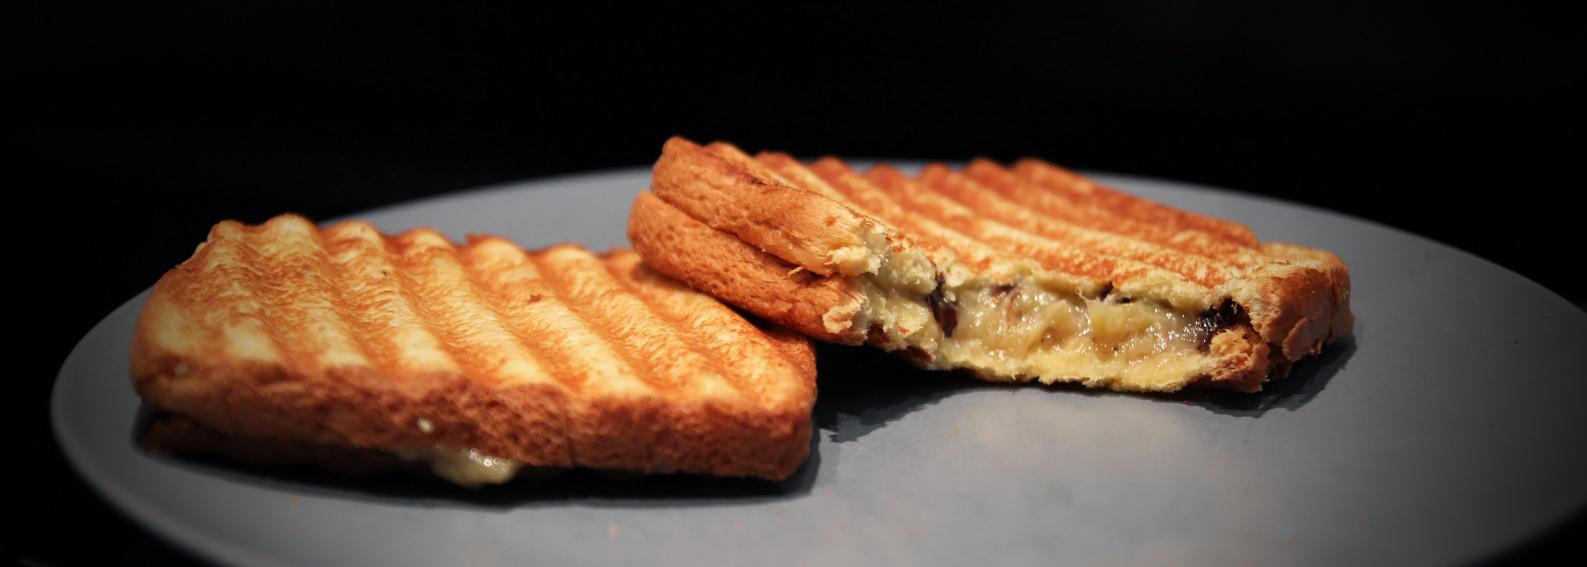 Croc brioche banane chocolat blogs de cuisine for Cuisine 0 crocs